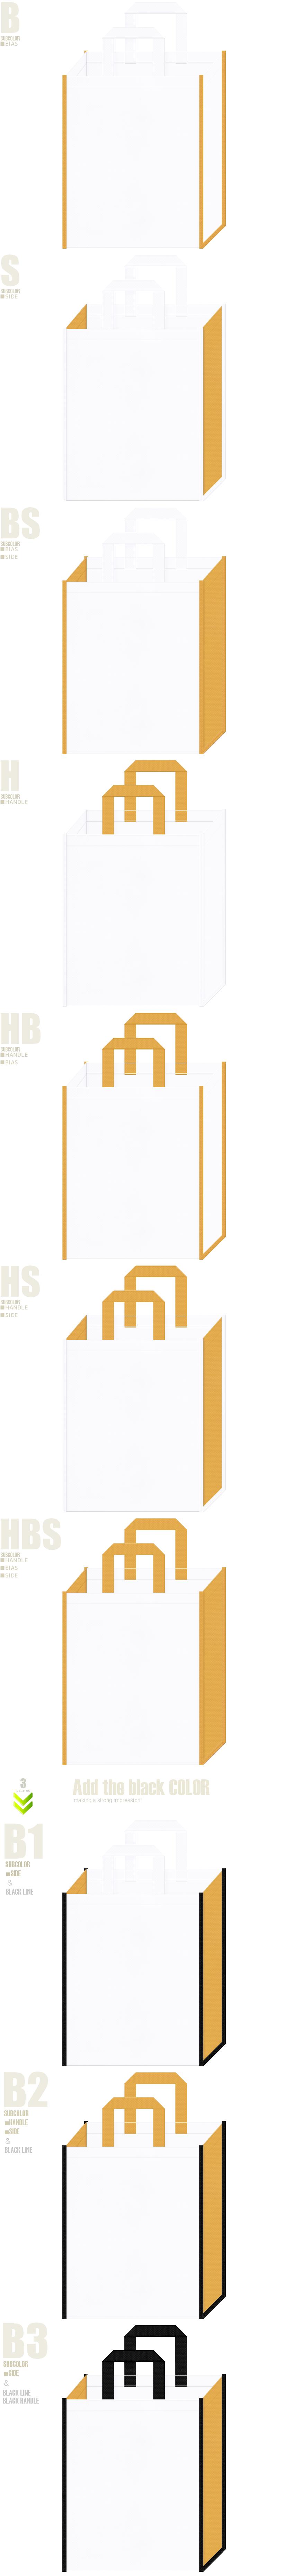 絵本・テーマパーク・ベーカリー・レシピ・お料理教室・DIYイベントにお奨めの不織布バッグデザイン:白色と黄土色のコーデ10パターン